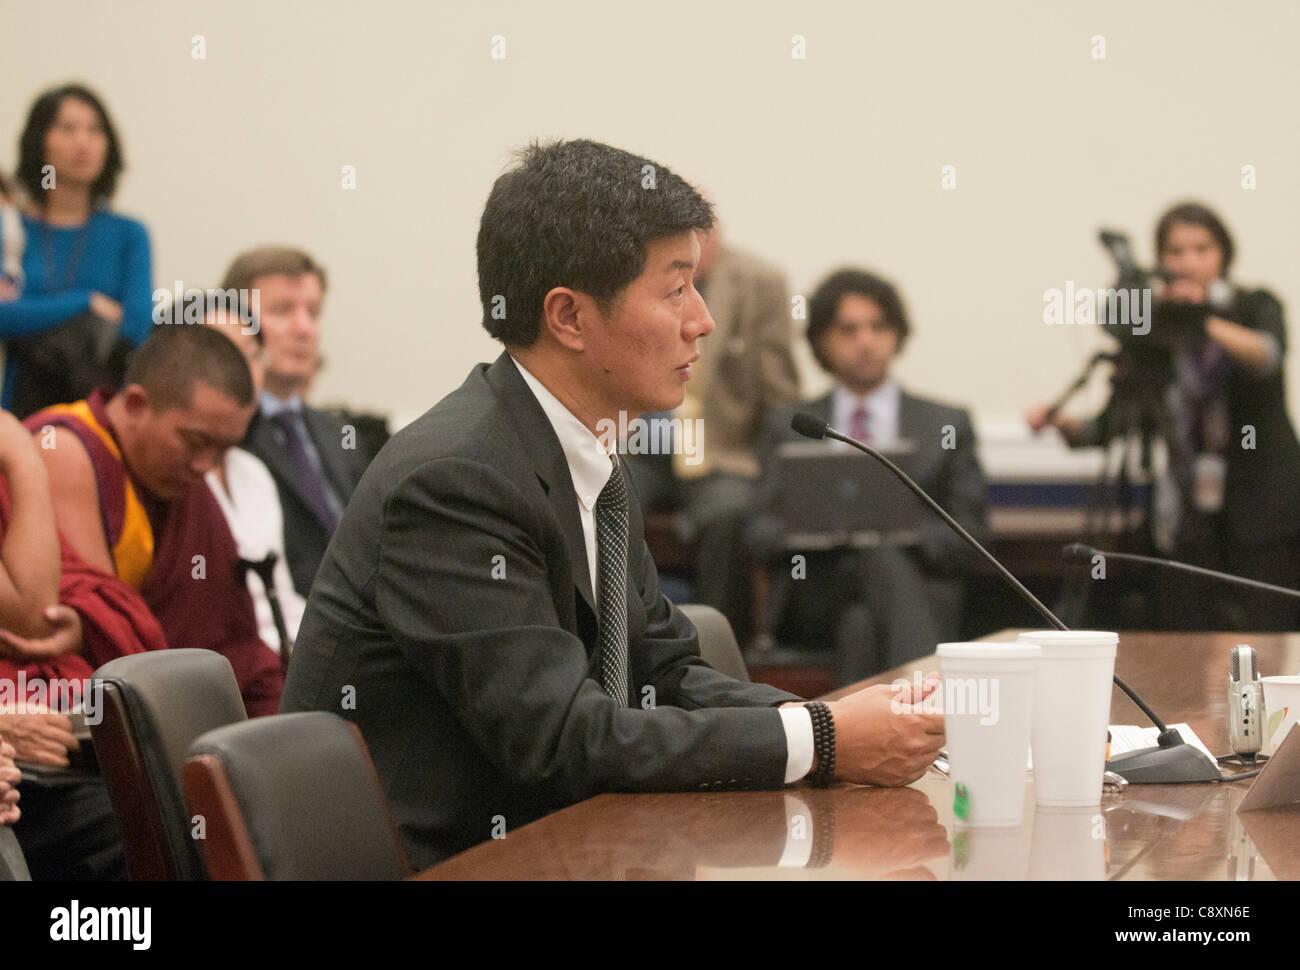 Dr. Lobsany Sangay, Primer Ministro de la administración tibetana Central testifica Tom Lantos durante la audiencia Imagen De Stock